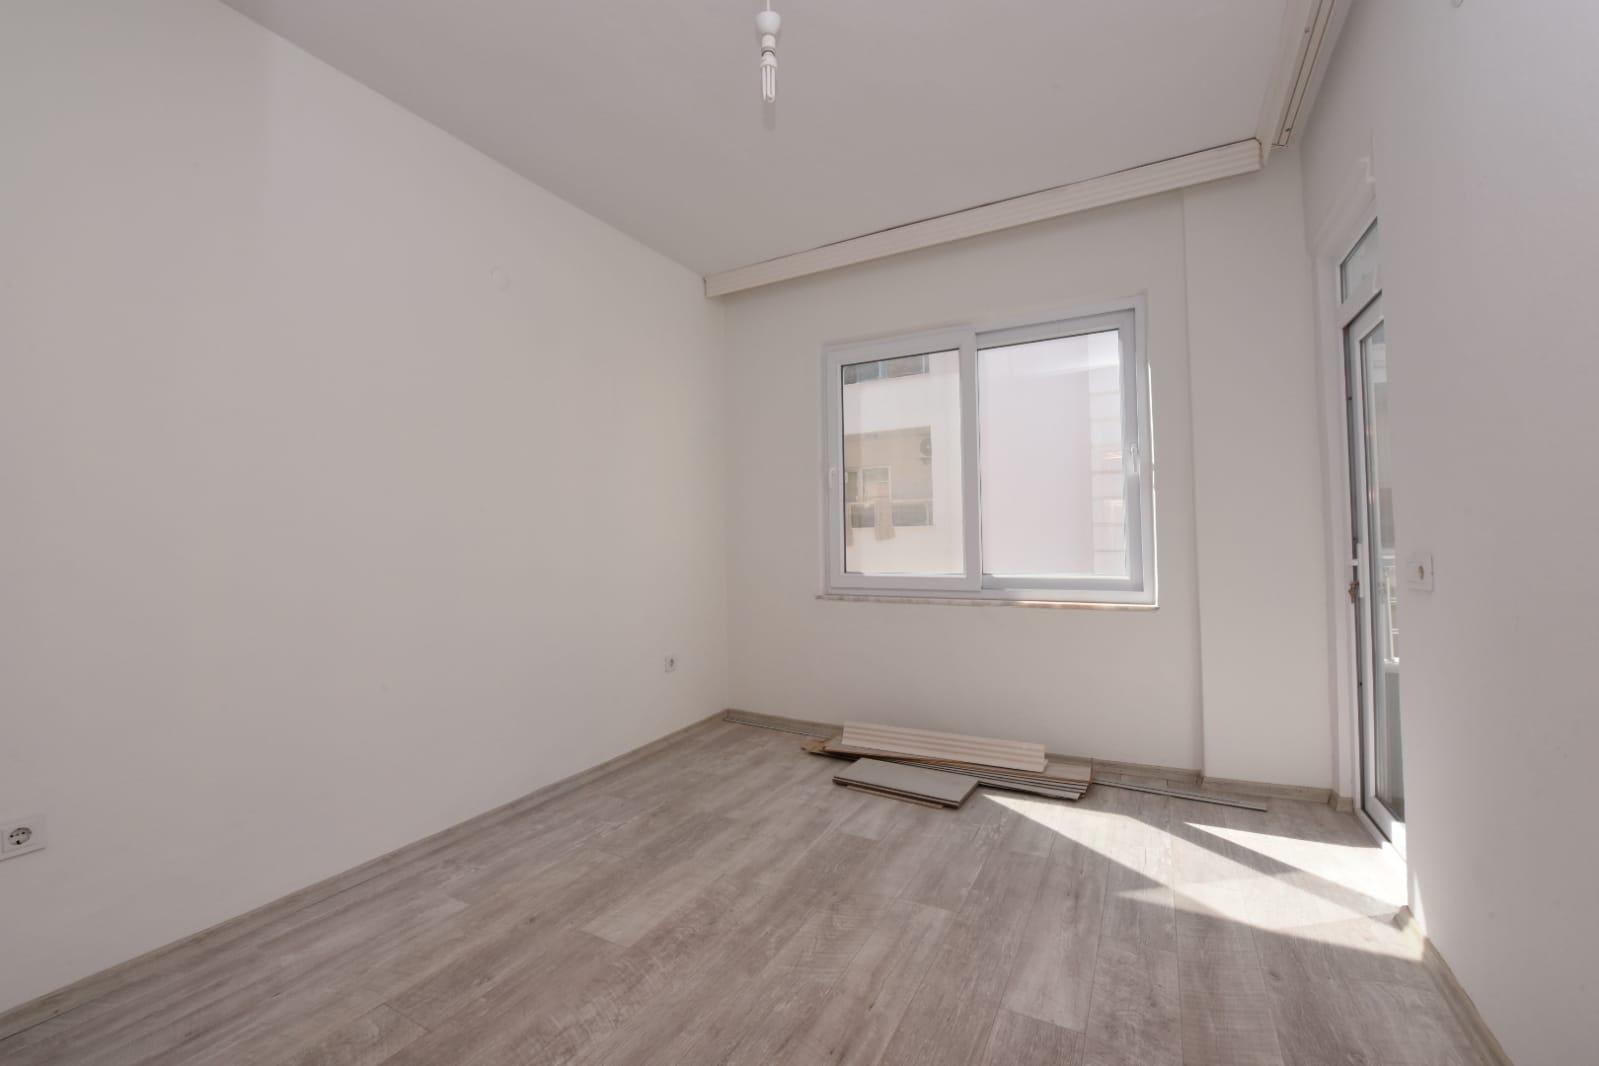 Трёхкомнатная квартира у пляжа Клеопатры по очень приятной цене - Фото 15